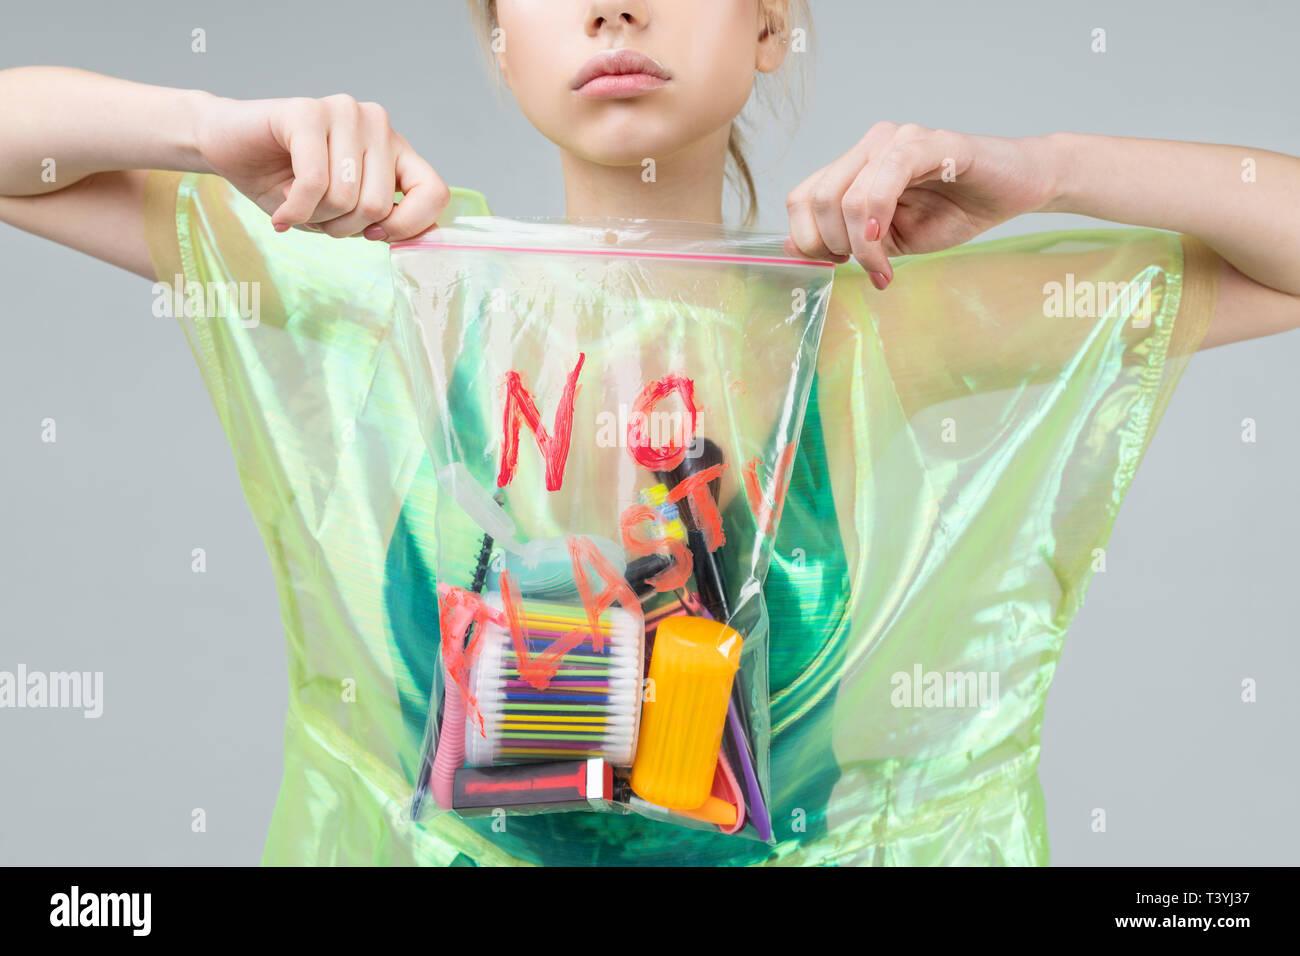 Beim Make-up. Junge verantwortliche und aktive Frau Förderung der Verwendung weniger Kunststoff während Make-up Stockbild